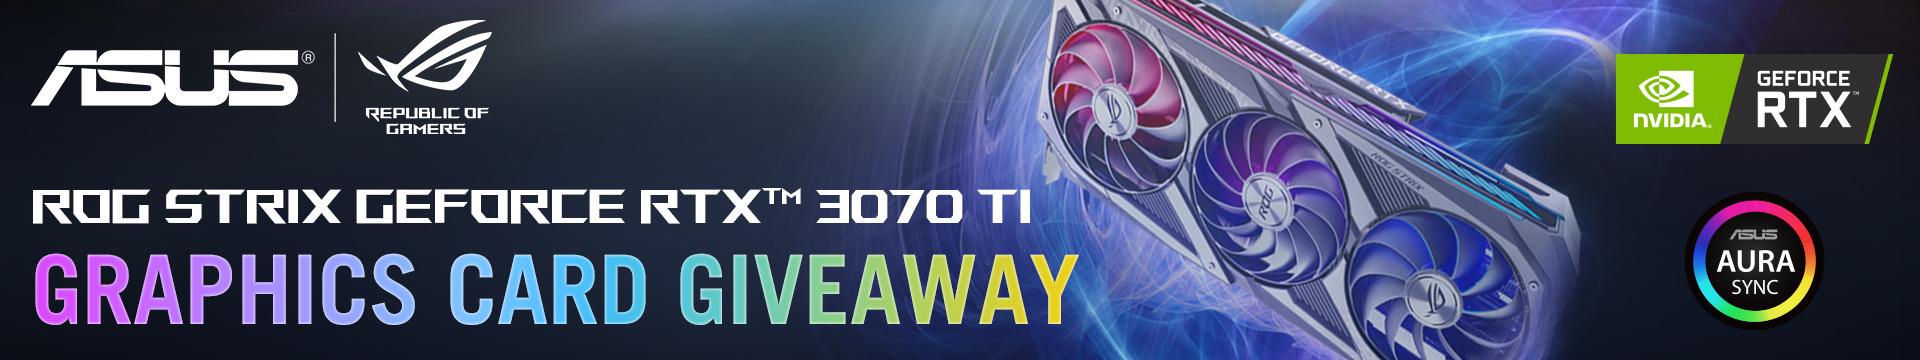 GTX 3070 Ti Giveaway